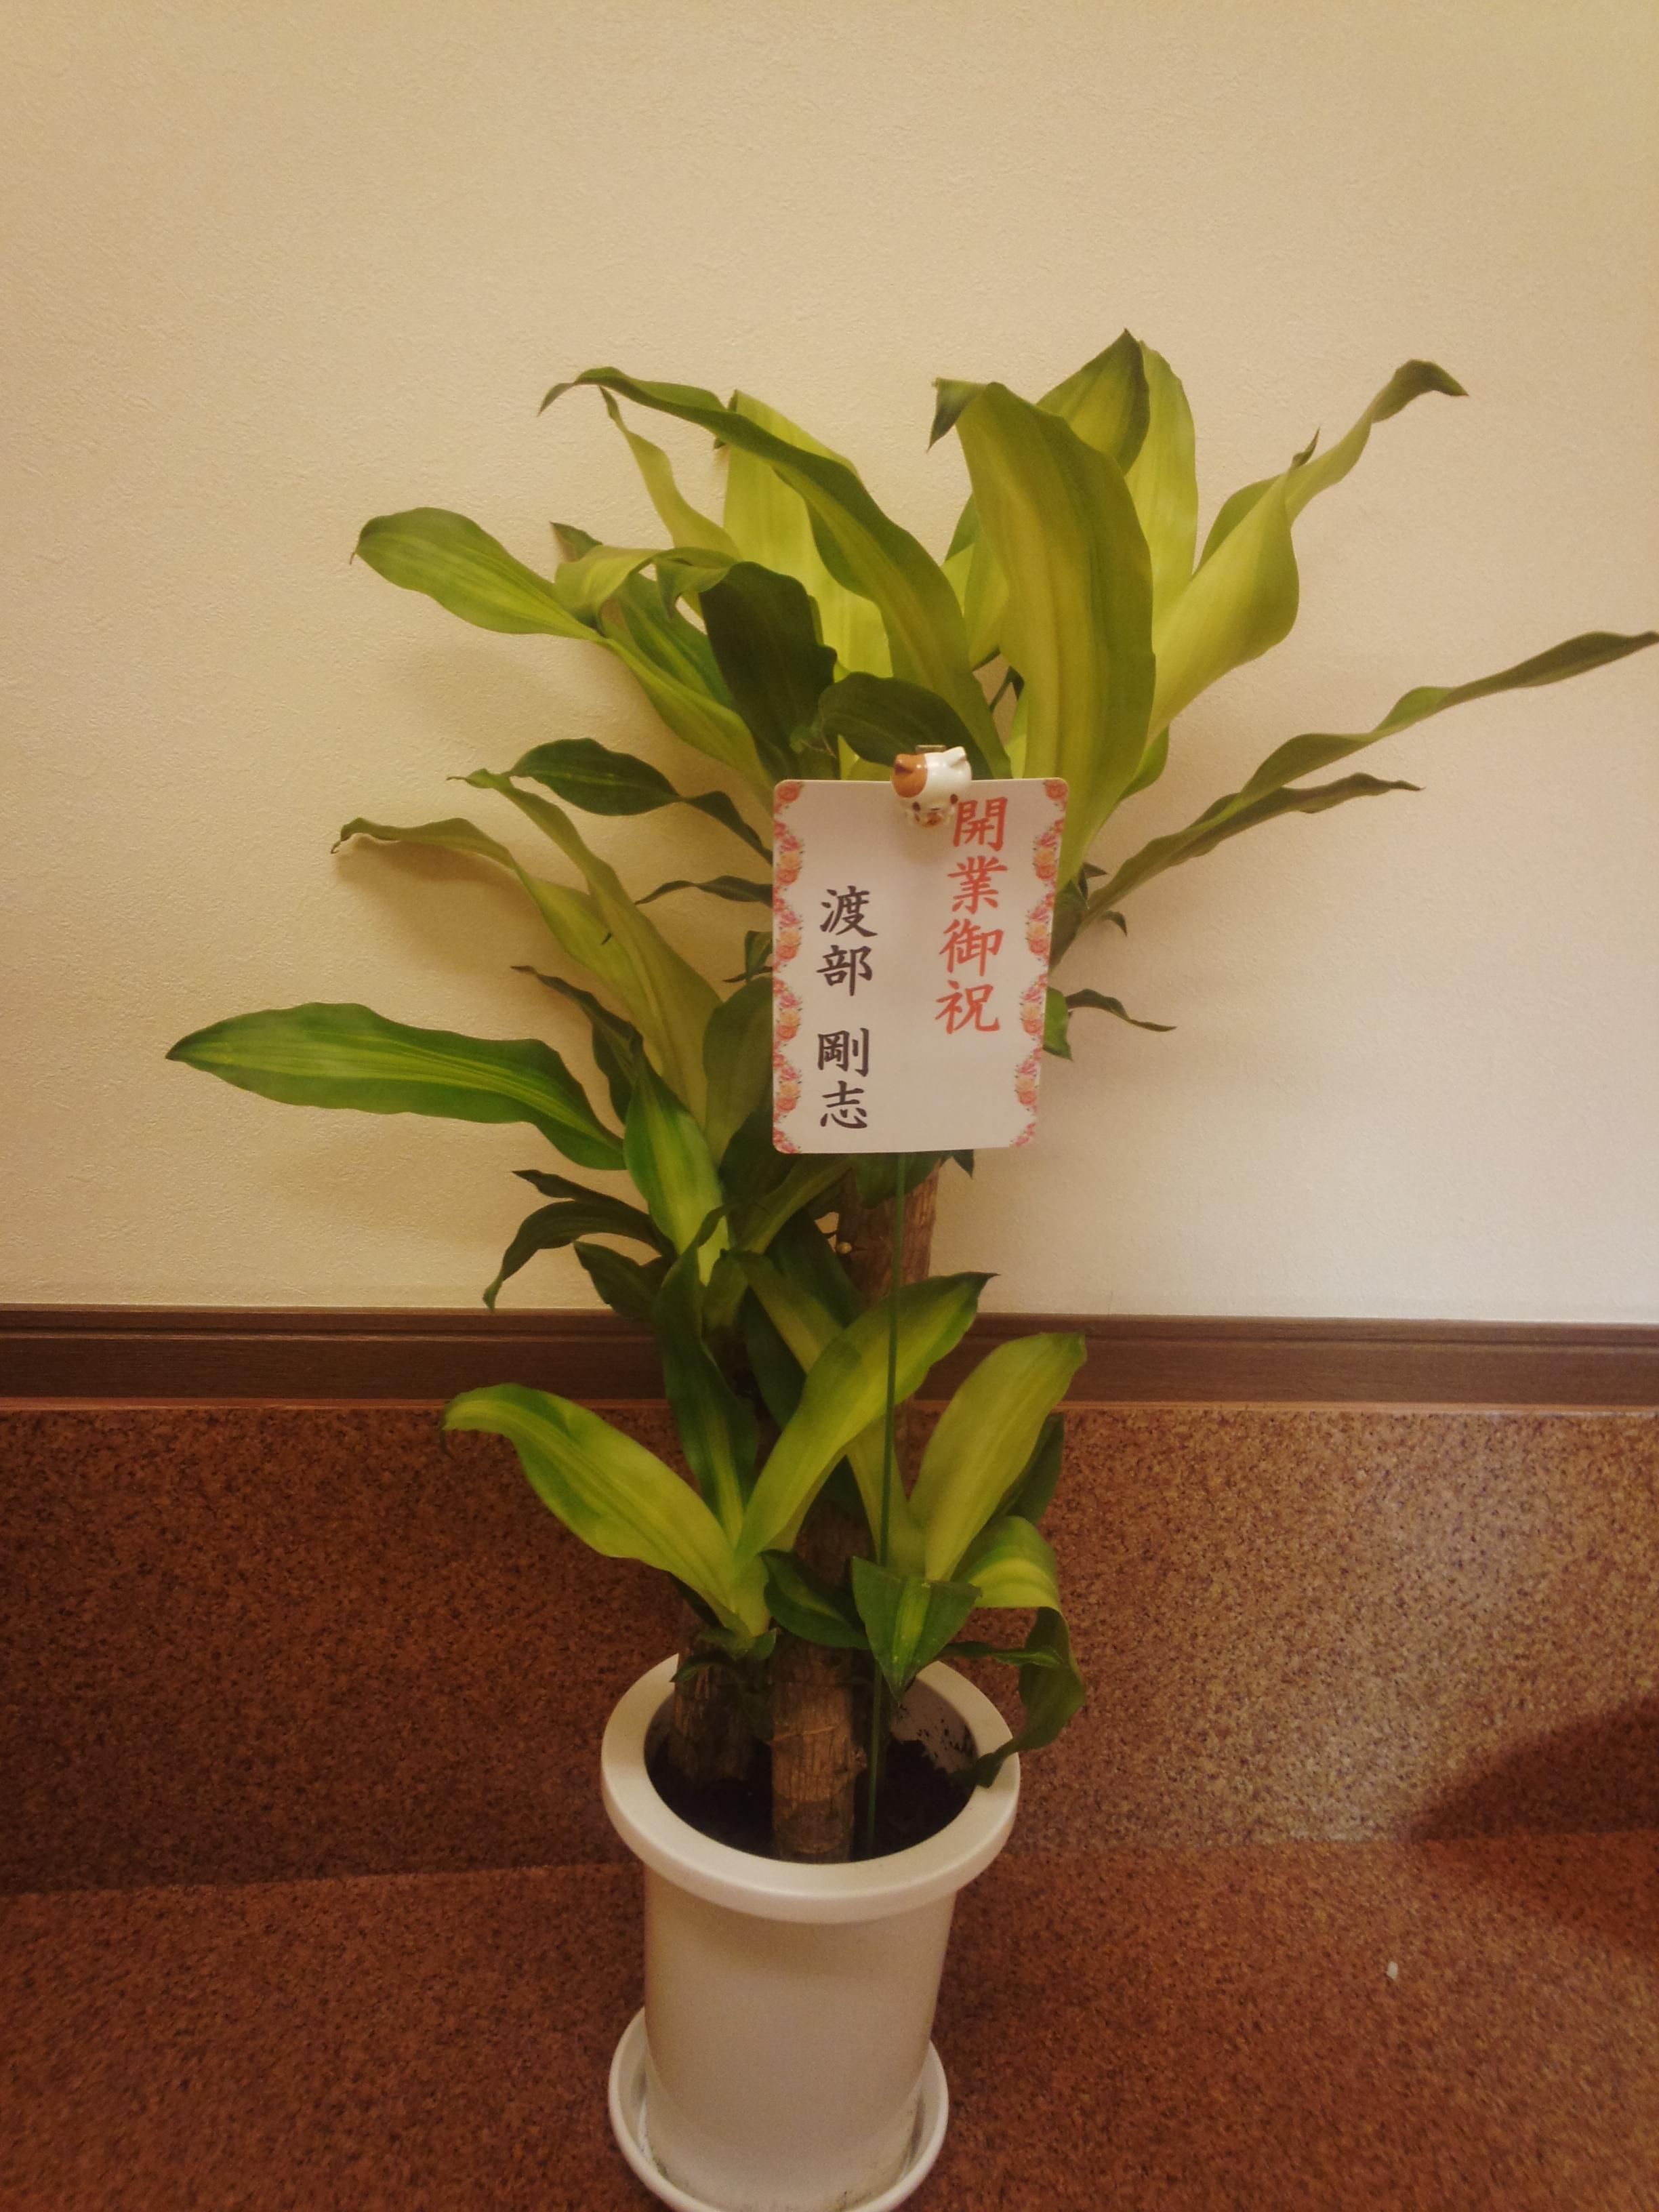 渡部さんから頂いた観葉植物